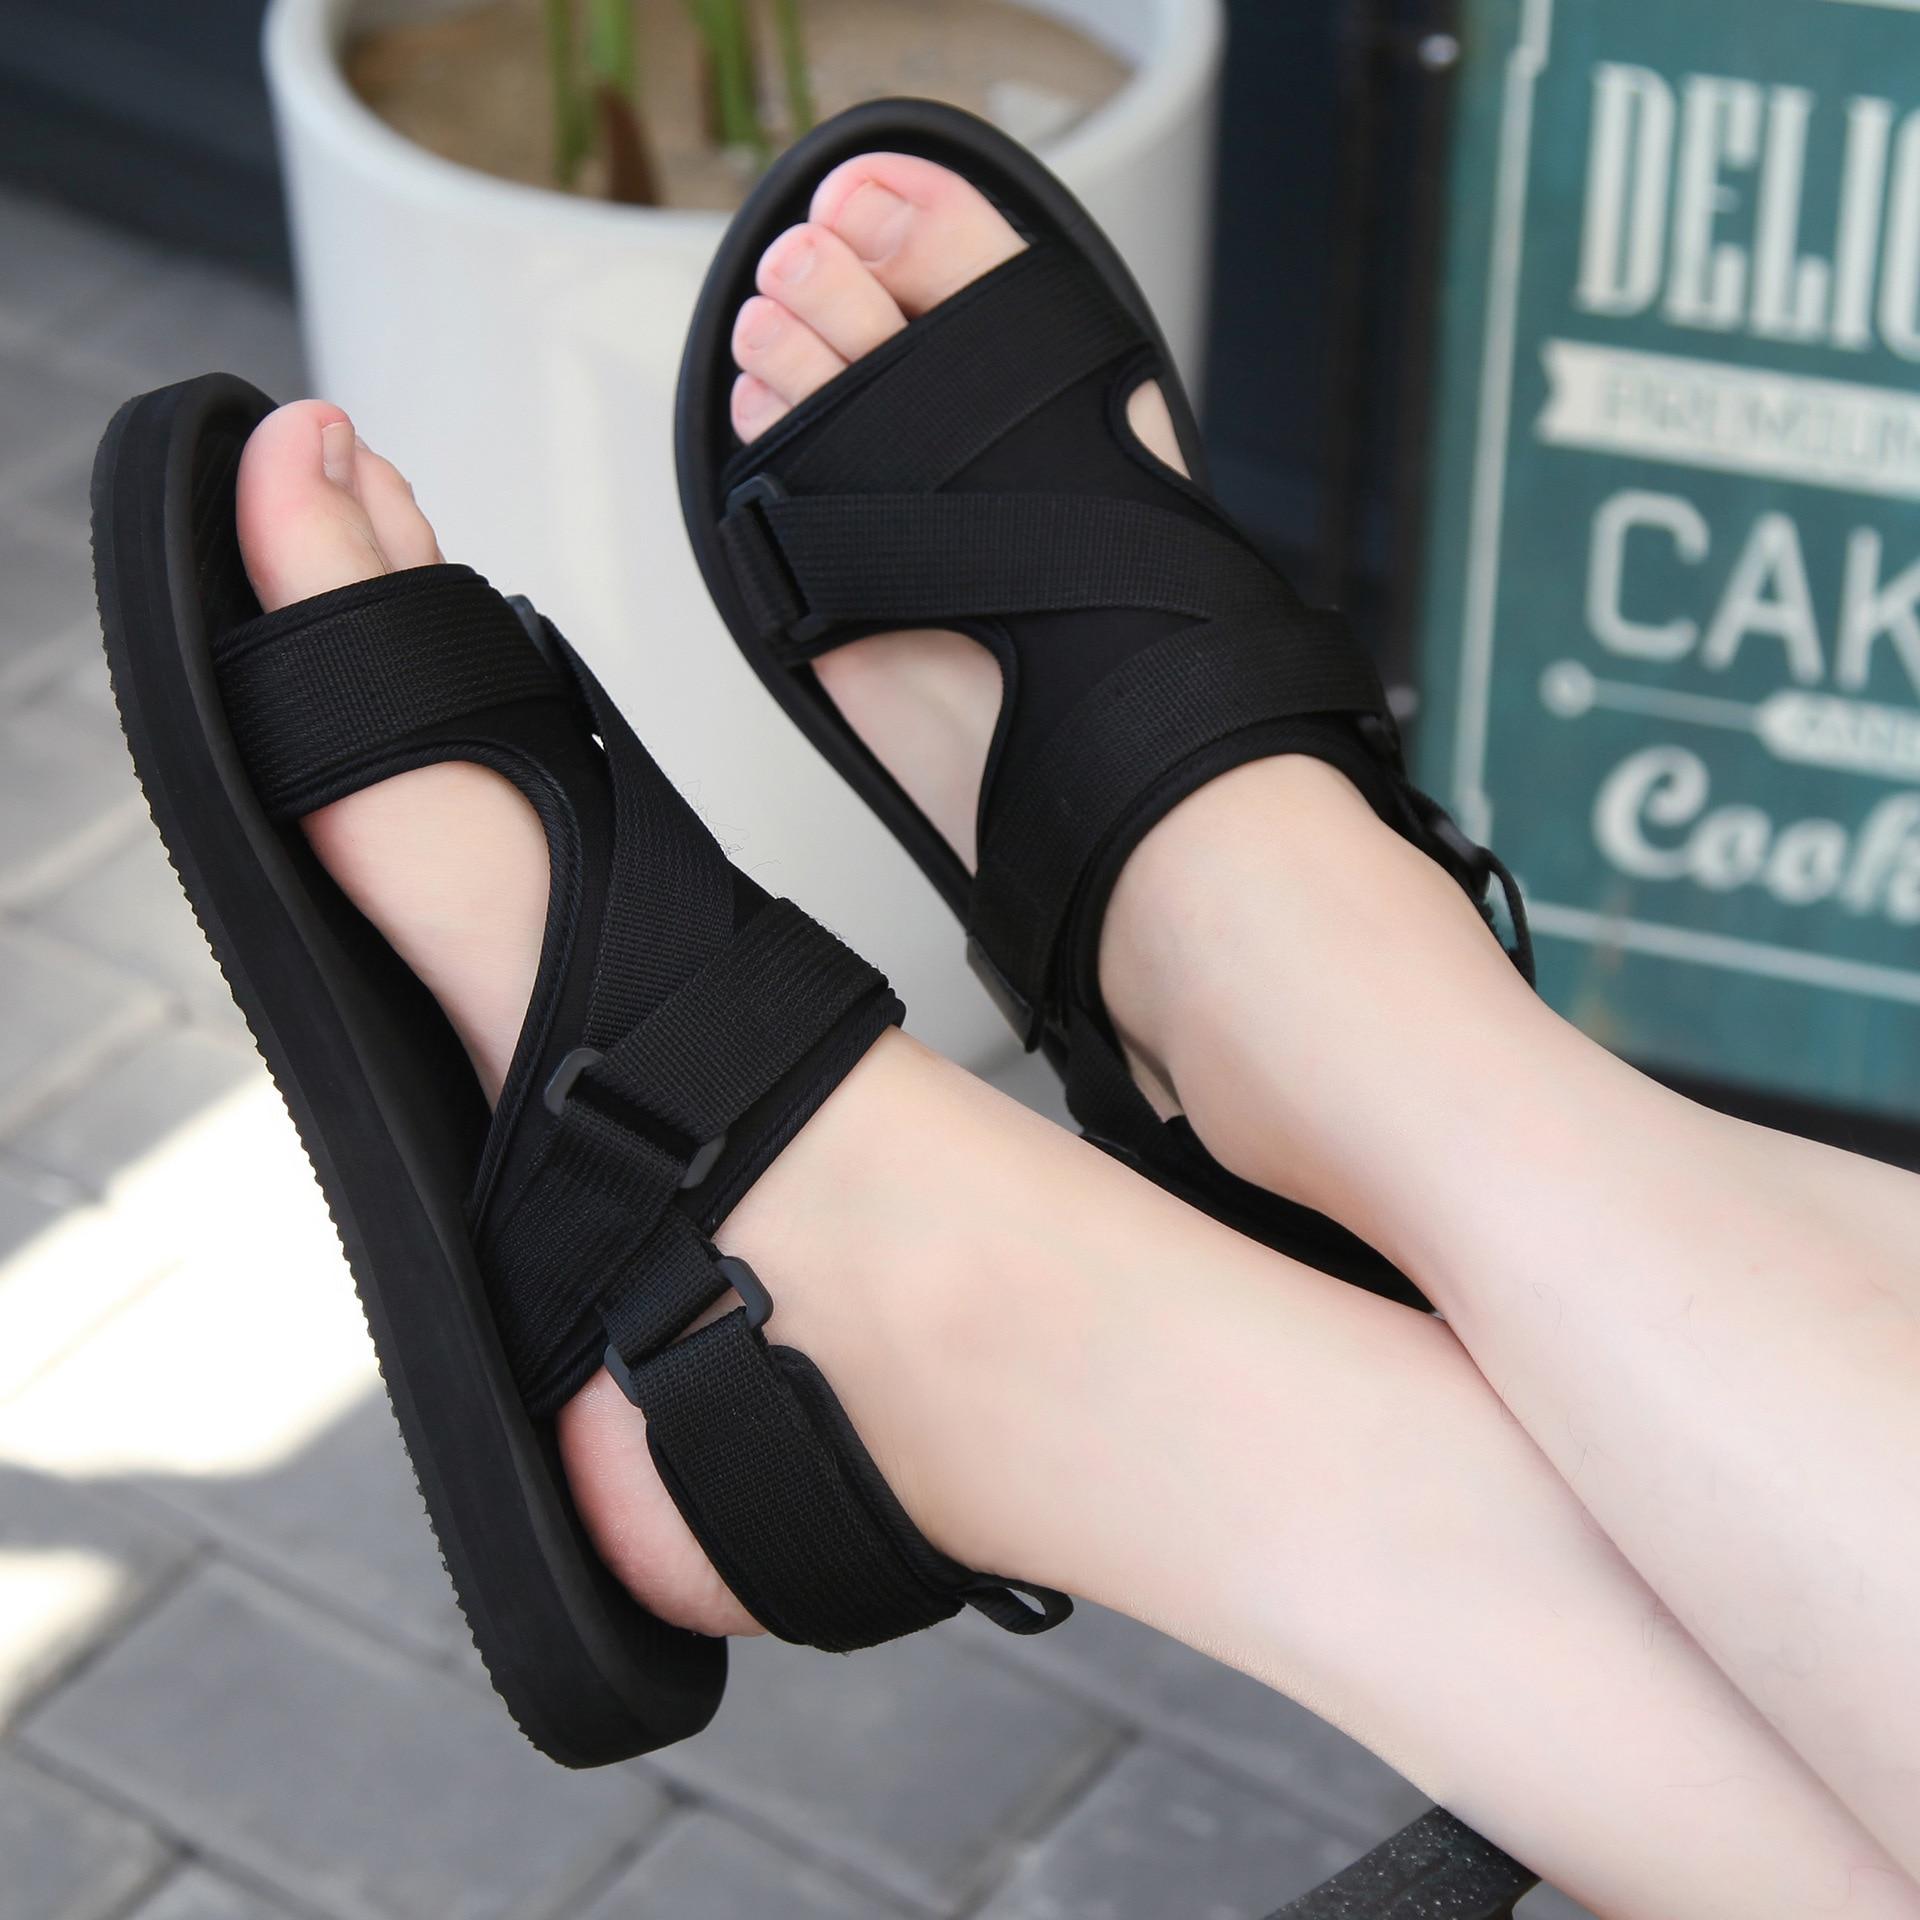 Sandalias romanas para hombre, novedad de verano, estilo al aire libre, antideslizante, transpirable, tendencia de moda para hombres, zapatos de playa negros, sandalias casuales para hombres